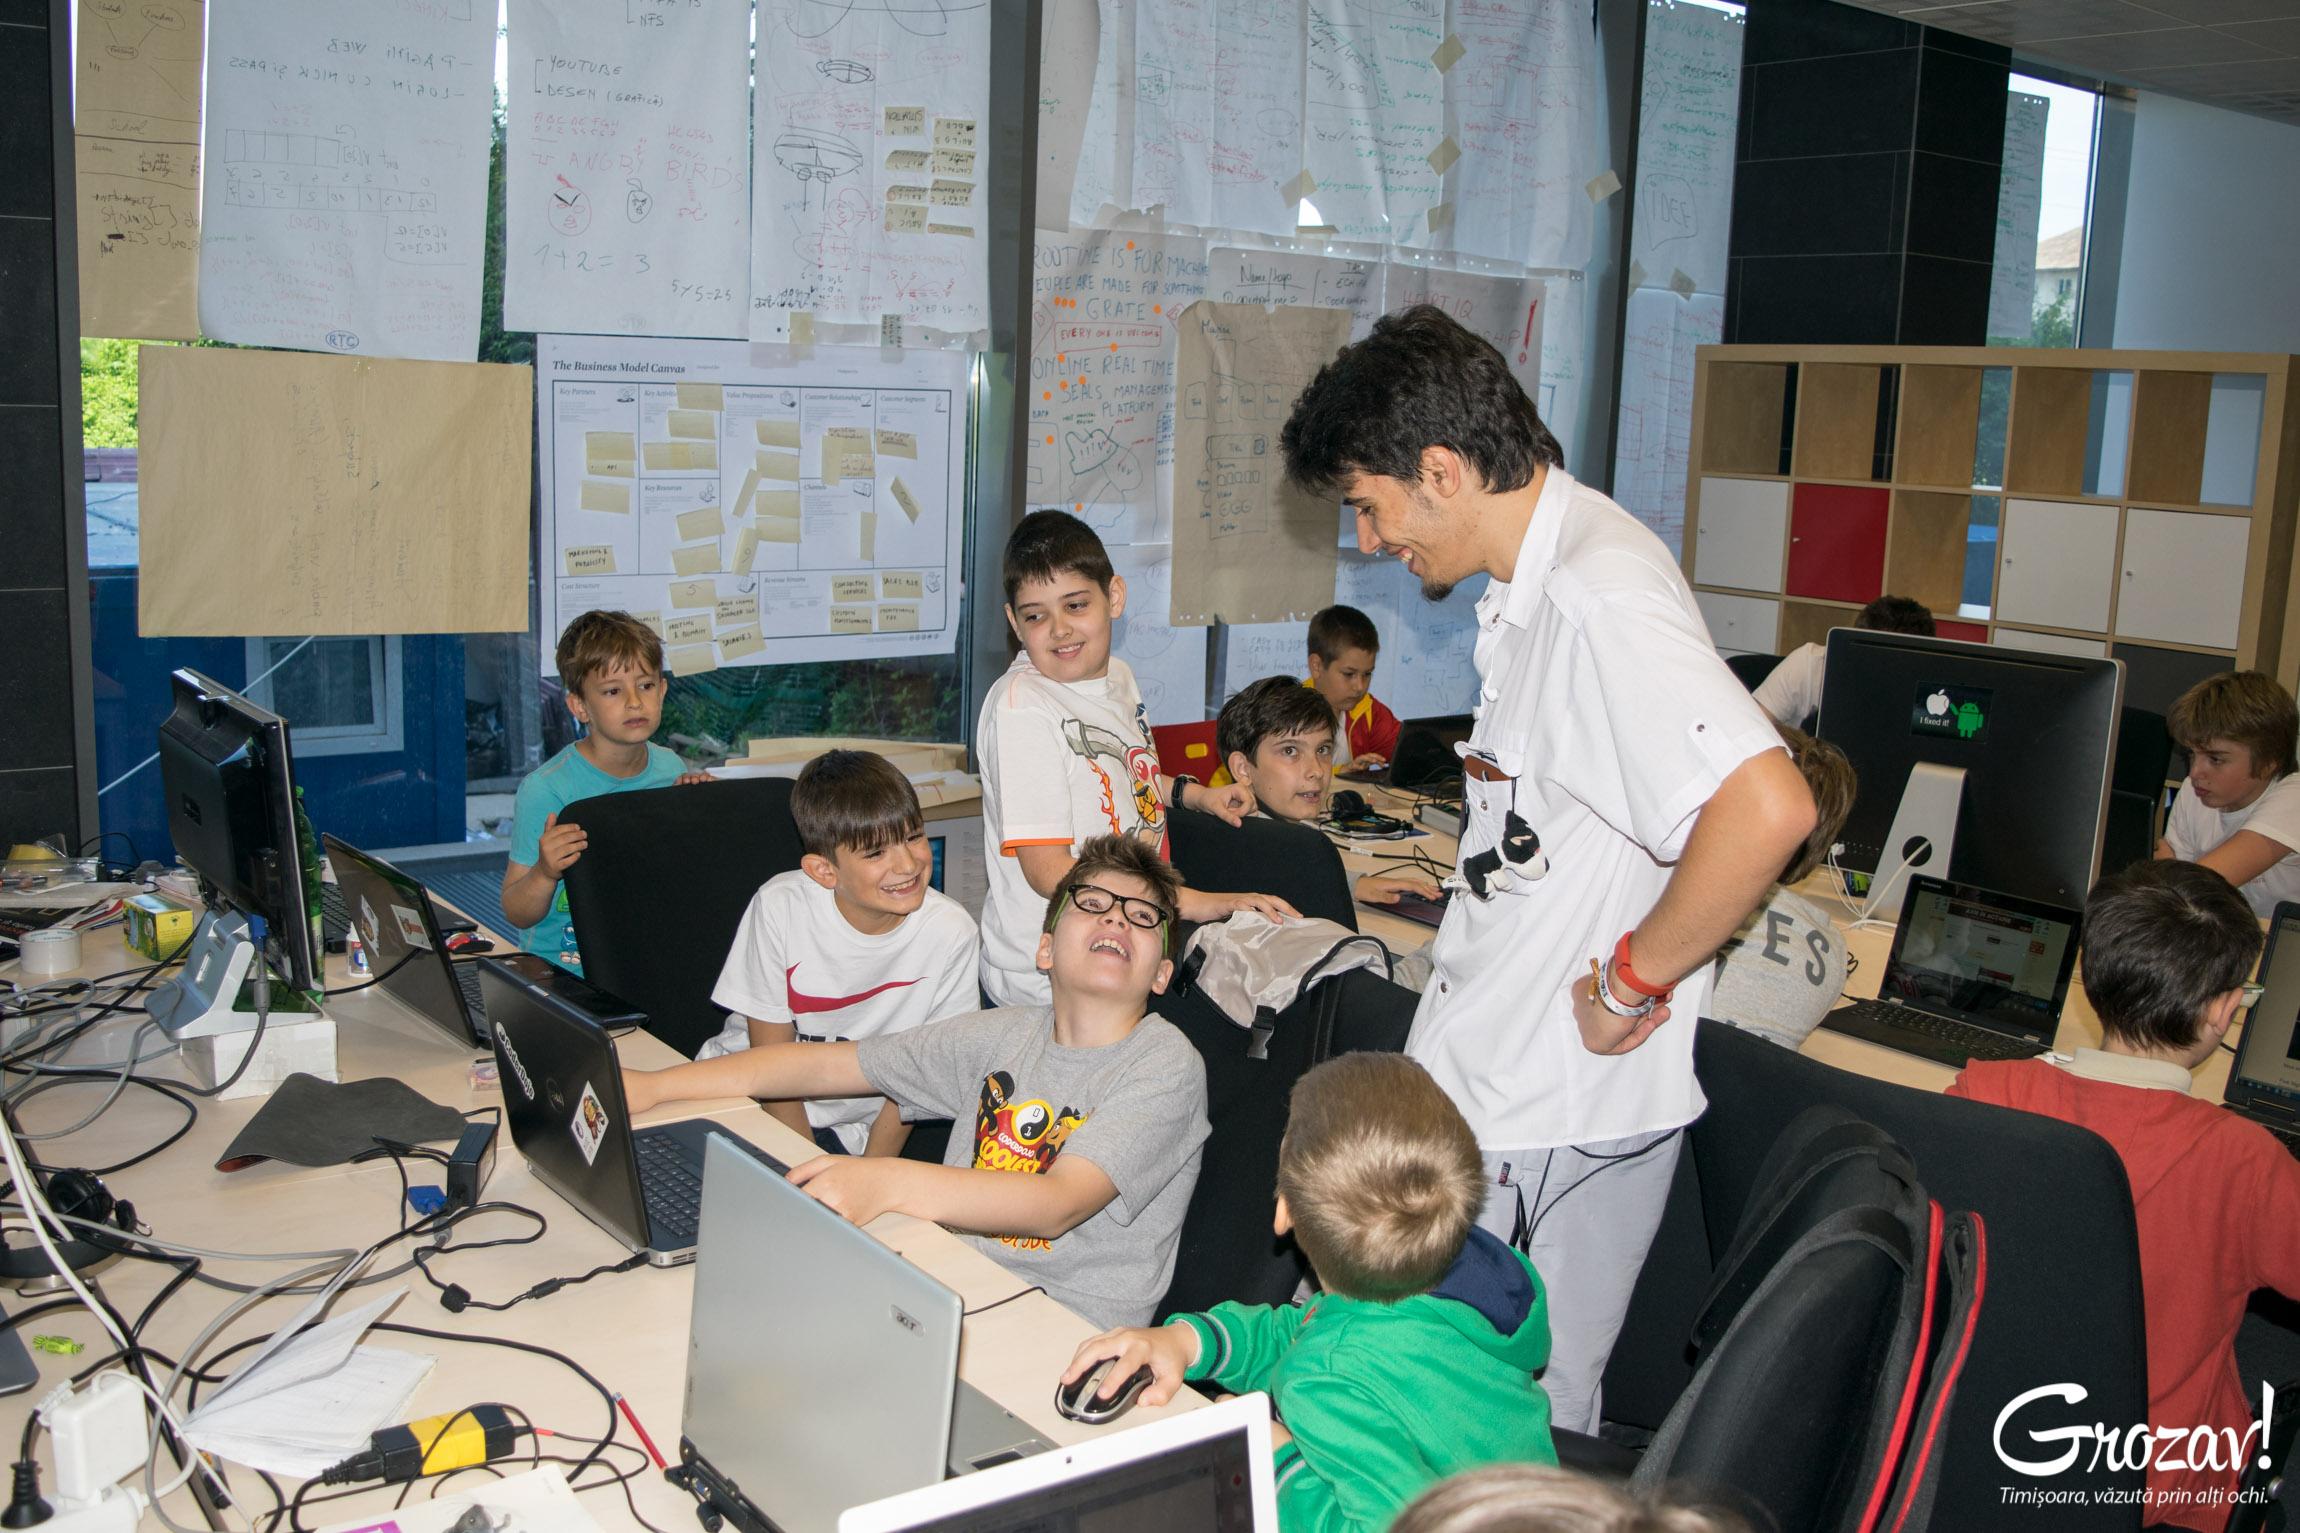 Copii invatand programare la coder dojo Timisoara II